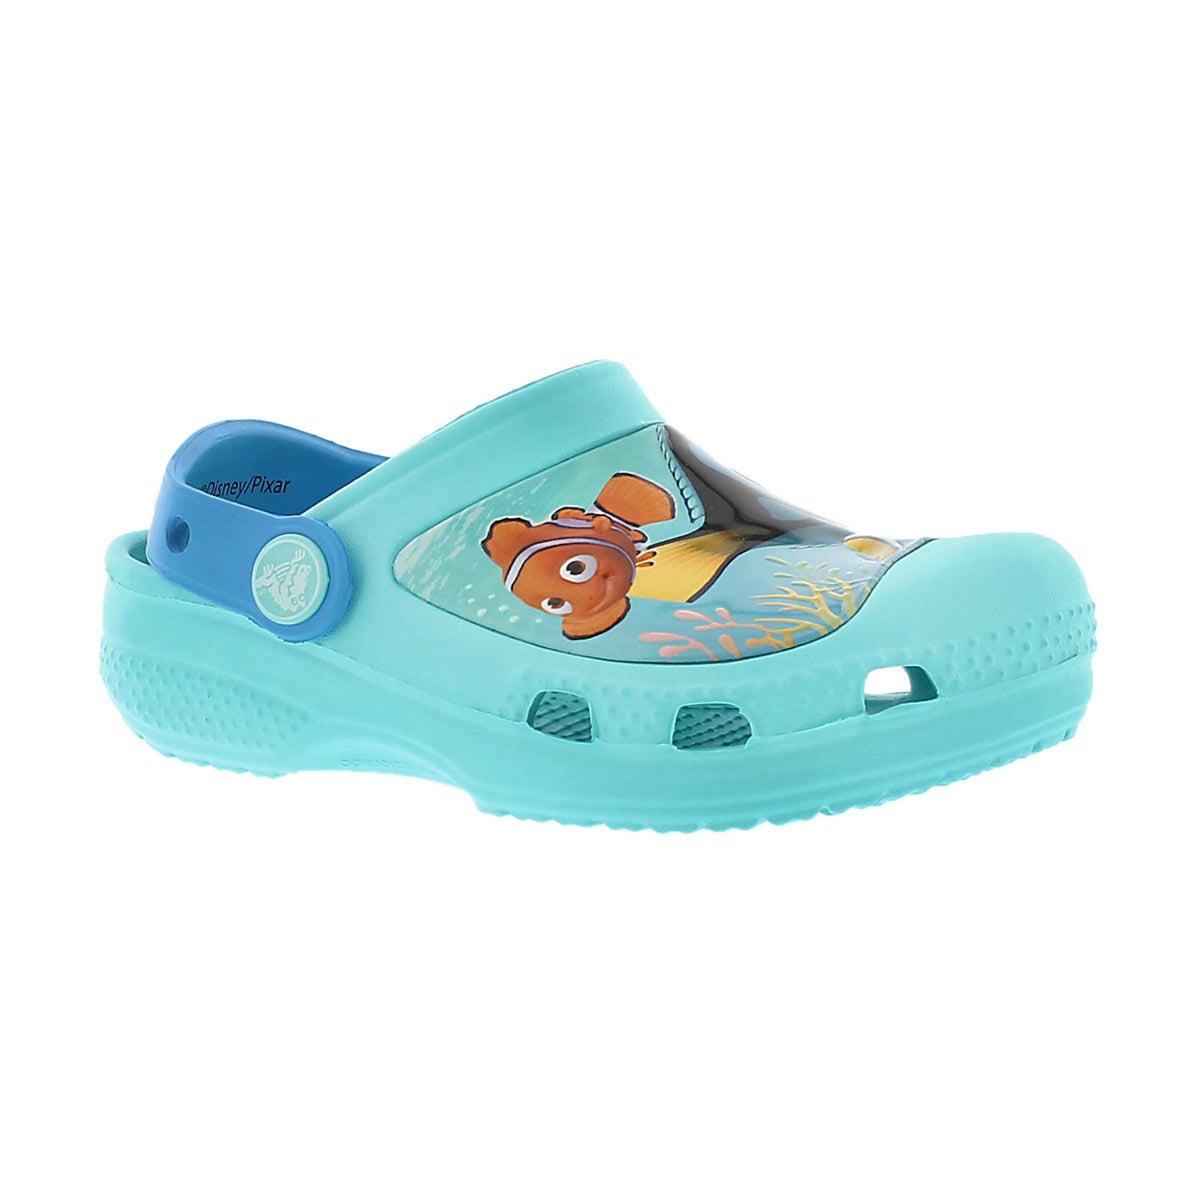 747cd602c4f81f Crocs Girls  FINDING DORY pool comfort clogs